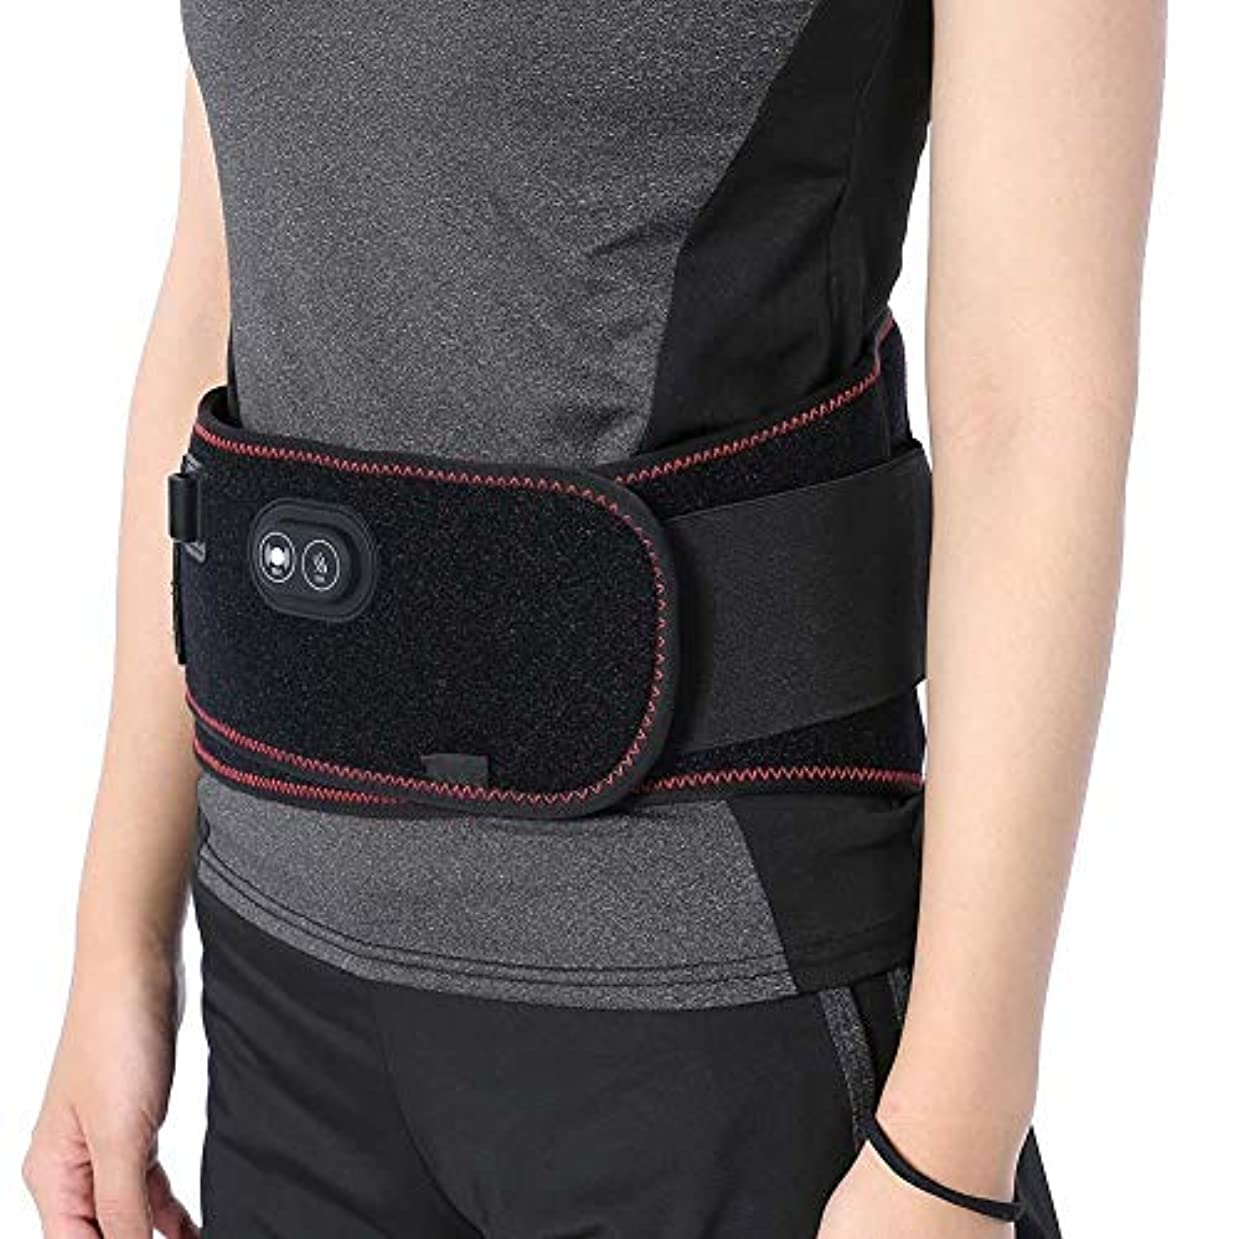 椅子放散する祝福暖房ウエストベルト電気暖かい腹部マッサージ振動ウエストサポート、リリーフ性月経困難症と腹部の背中の痛み暖かい腰椎振動ラップ男性と女性のための低い